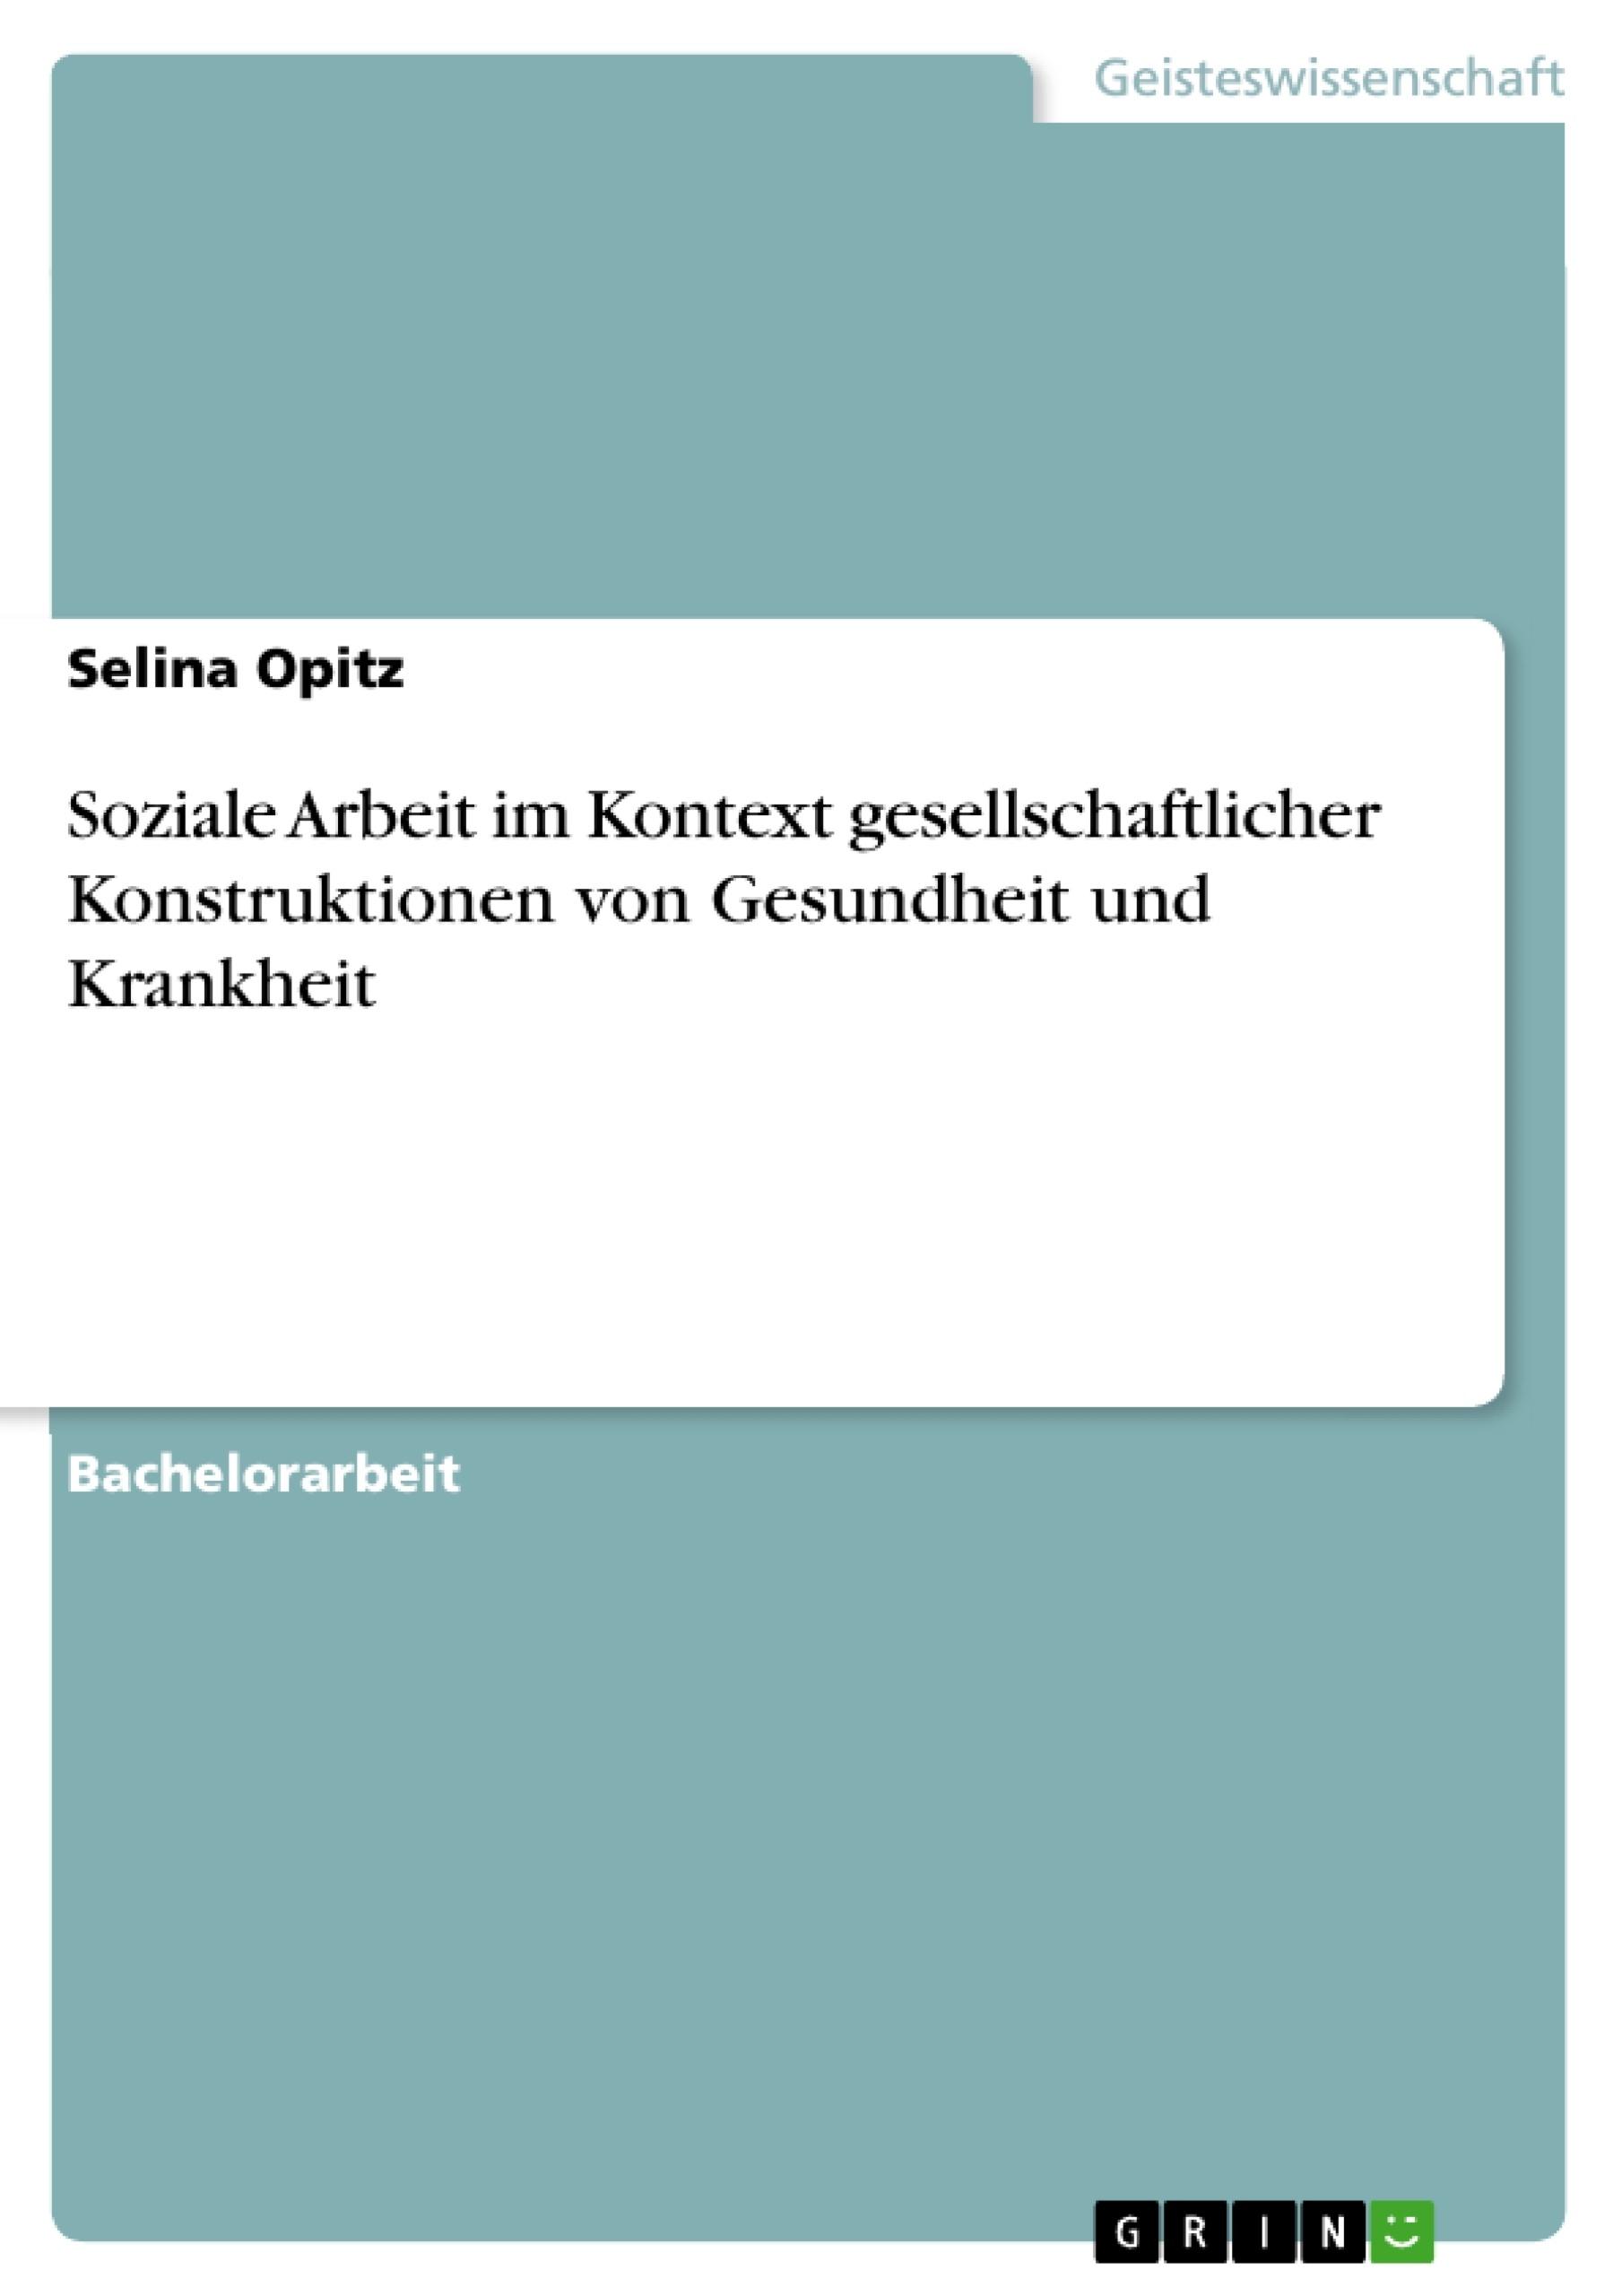 Titel: Soziale Arbeit im Kontext gesellschaftlicher Konstruktionen von Gesundheit und Krankheit